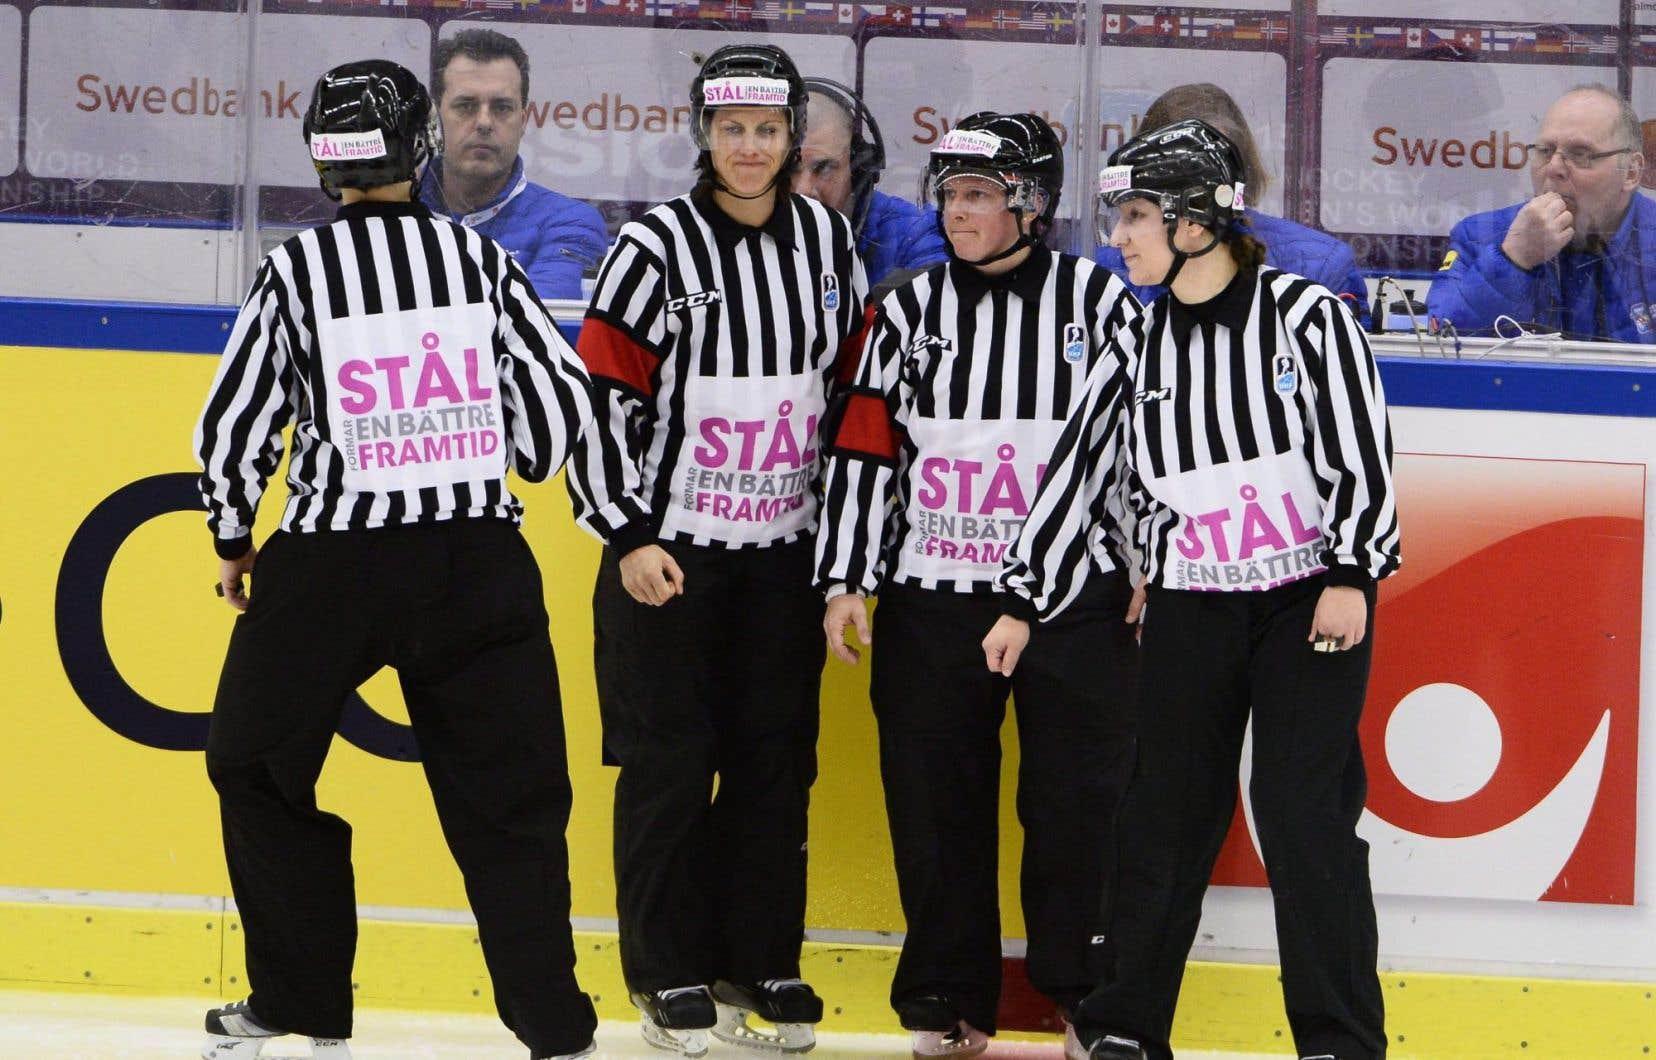 Les femmes comptent désormais sur le même personnel d'officiels que les hommes, un autre signe des progrès réalisés par le hockey féminin.